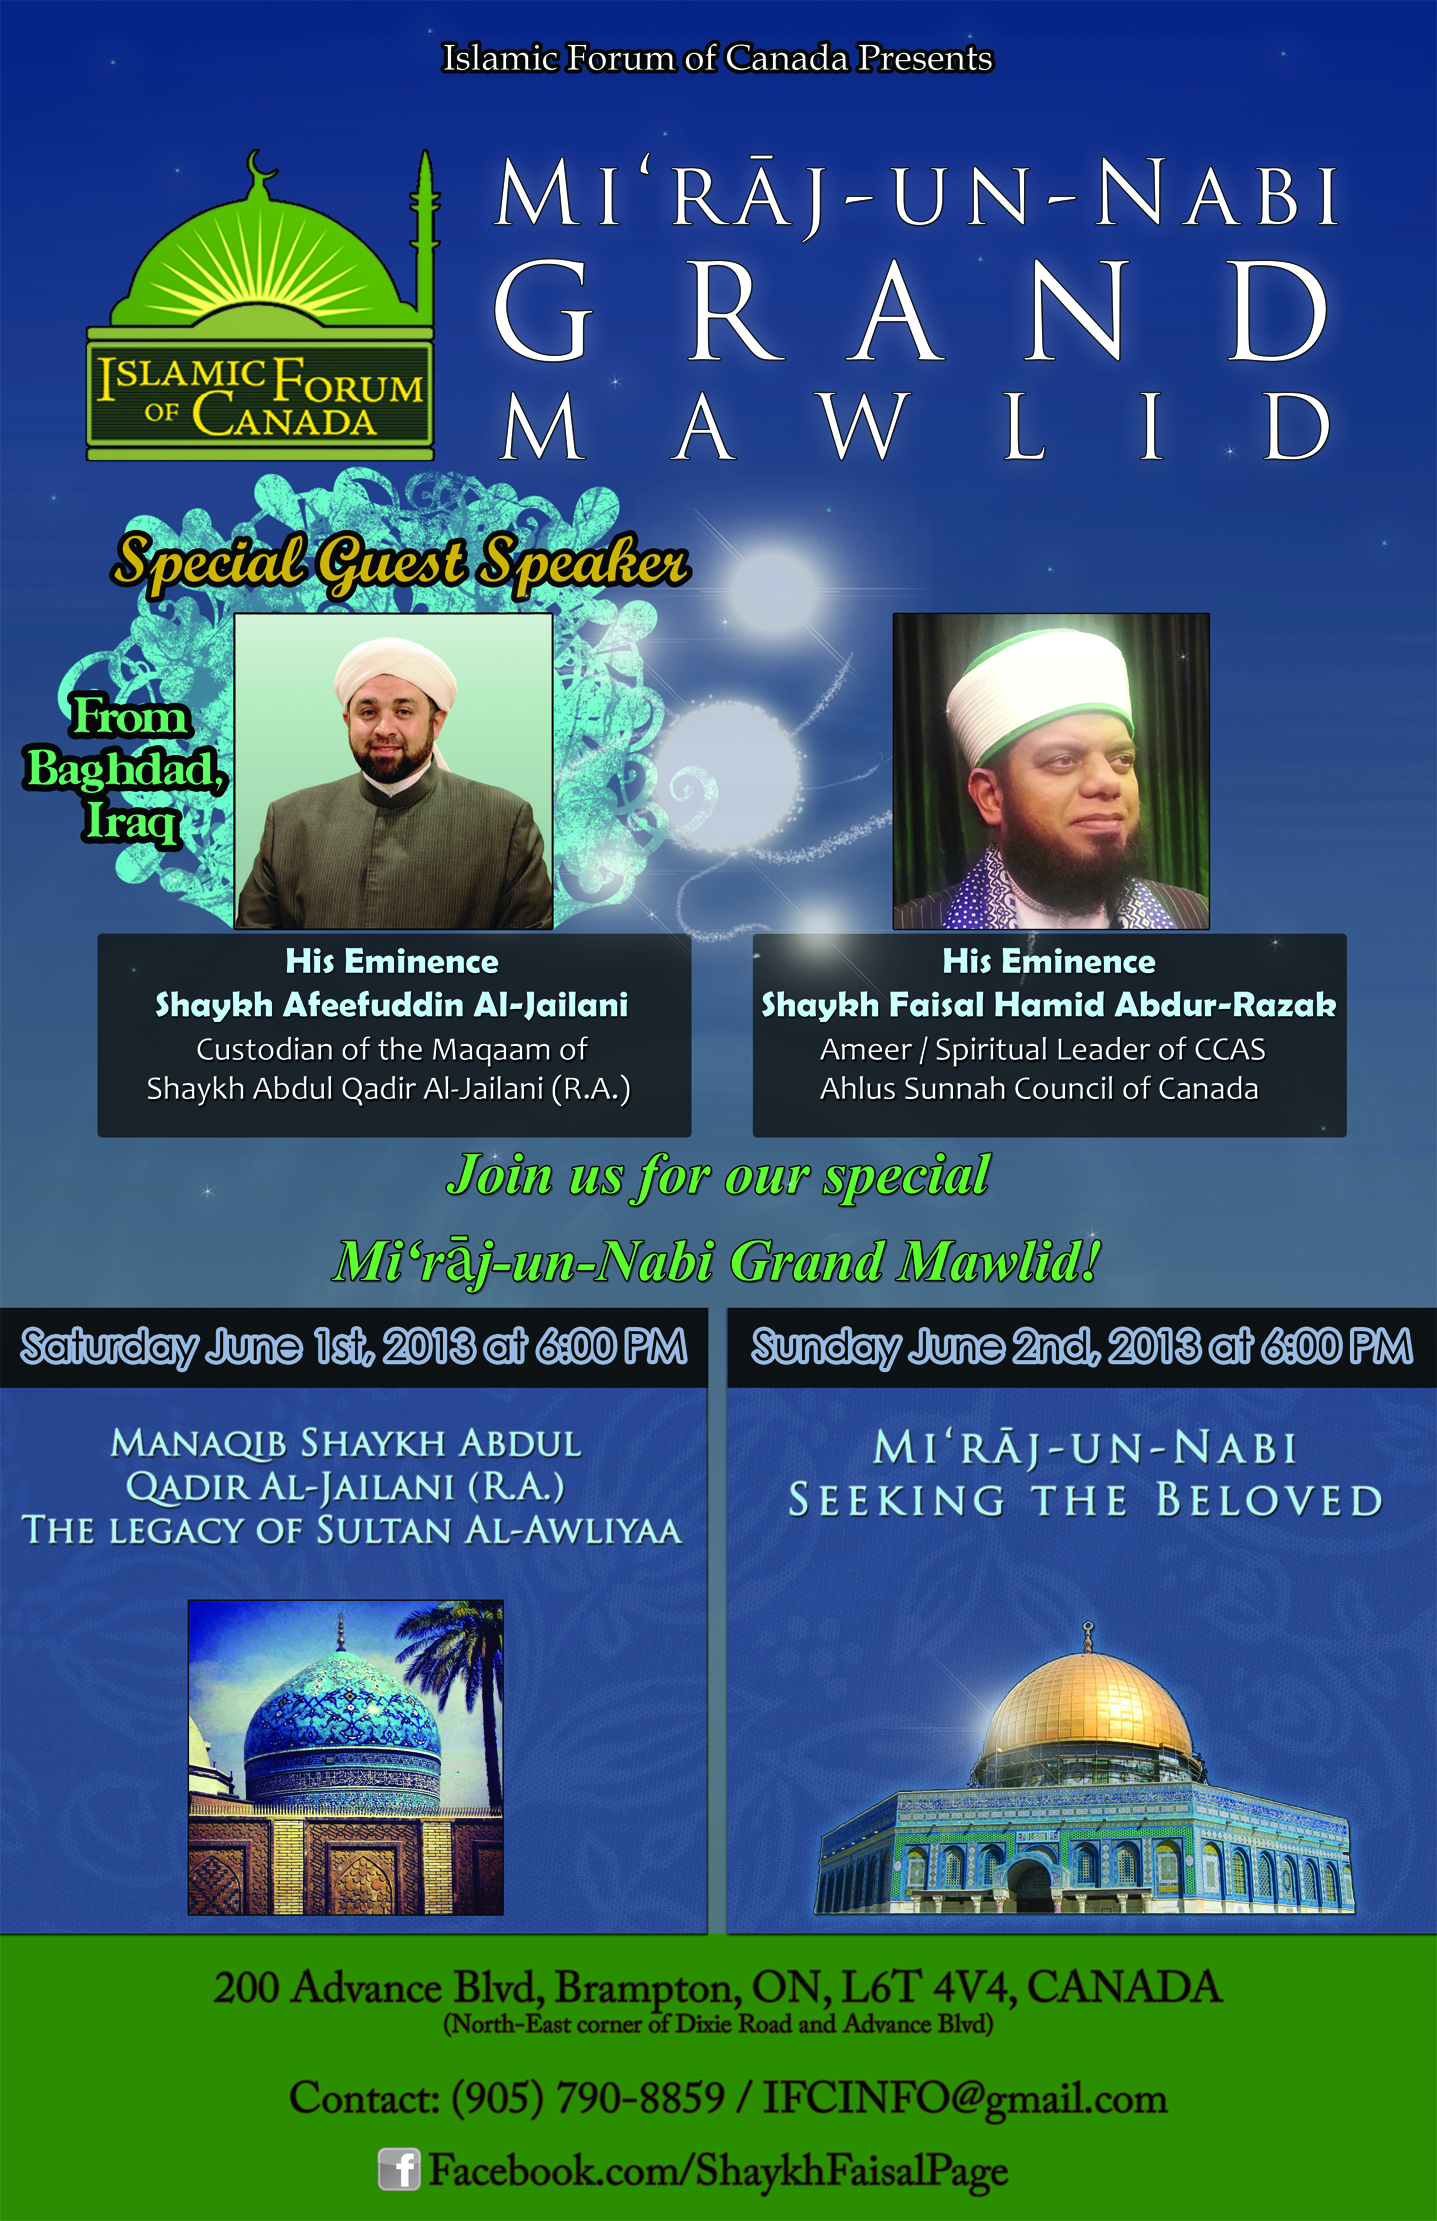 Mi'raj-un-Nabi Grand Mawlid Poster-Smaller Size